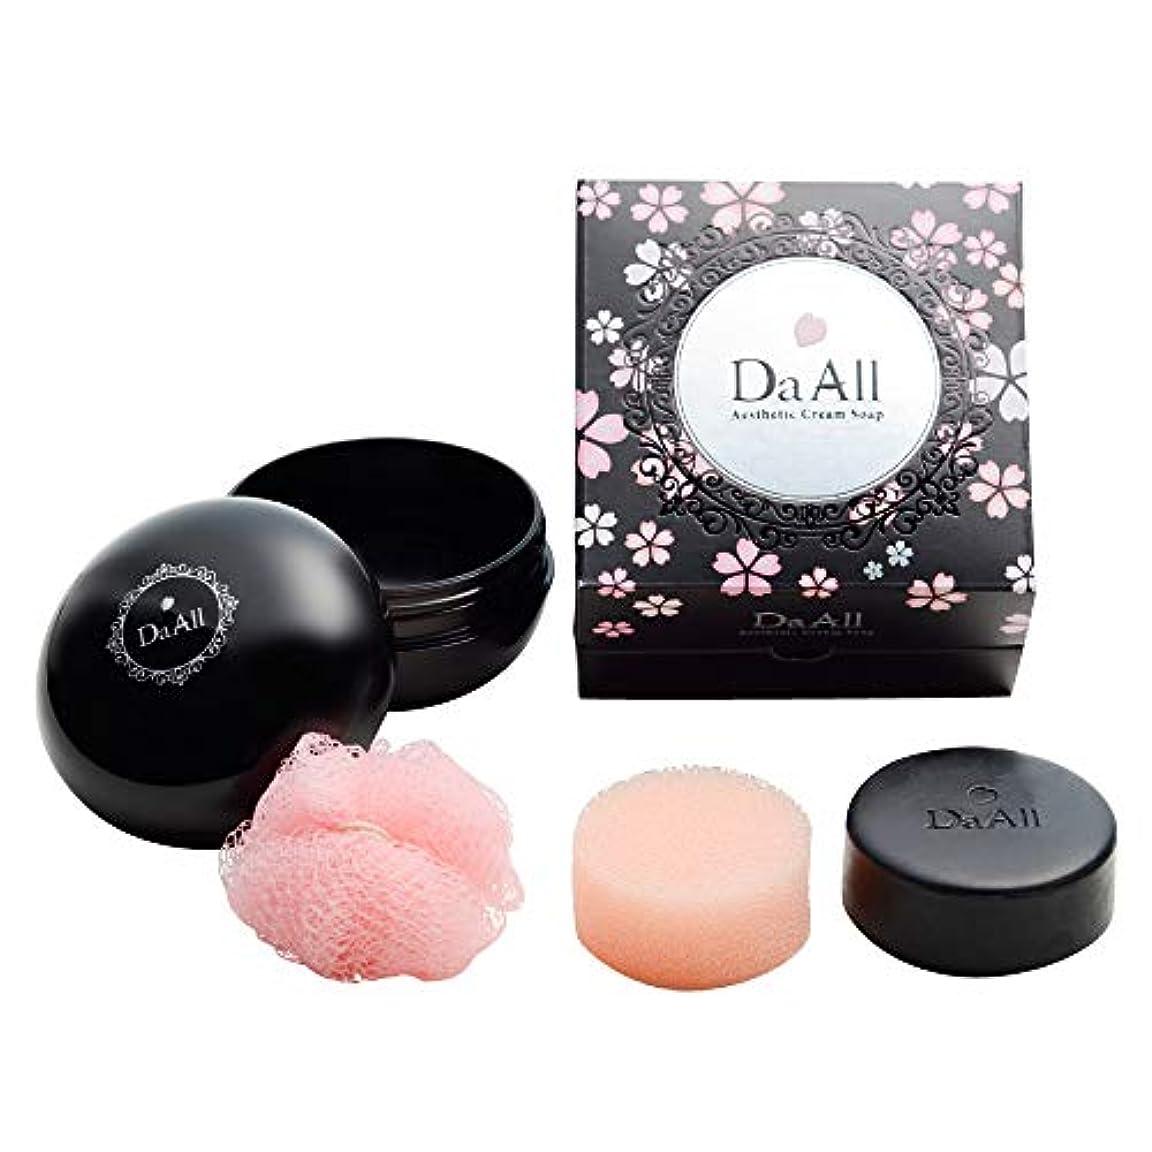 従事したレスリング炭素日本製 美容成分高配合洗顔石鹸 メイク落とし 洗顔 保湿 ダオルエステティッククリームソープ マカロンケースセット